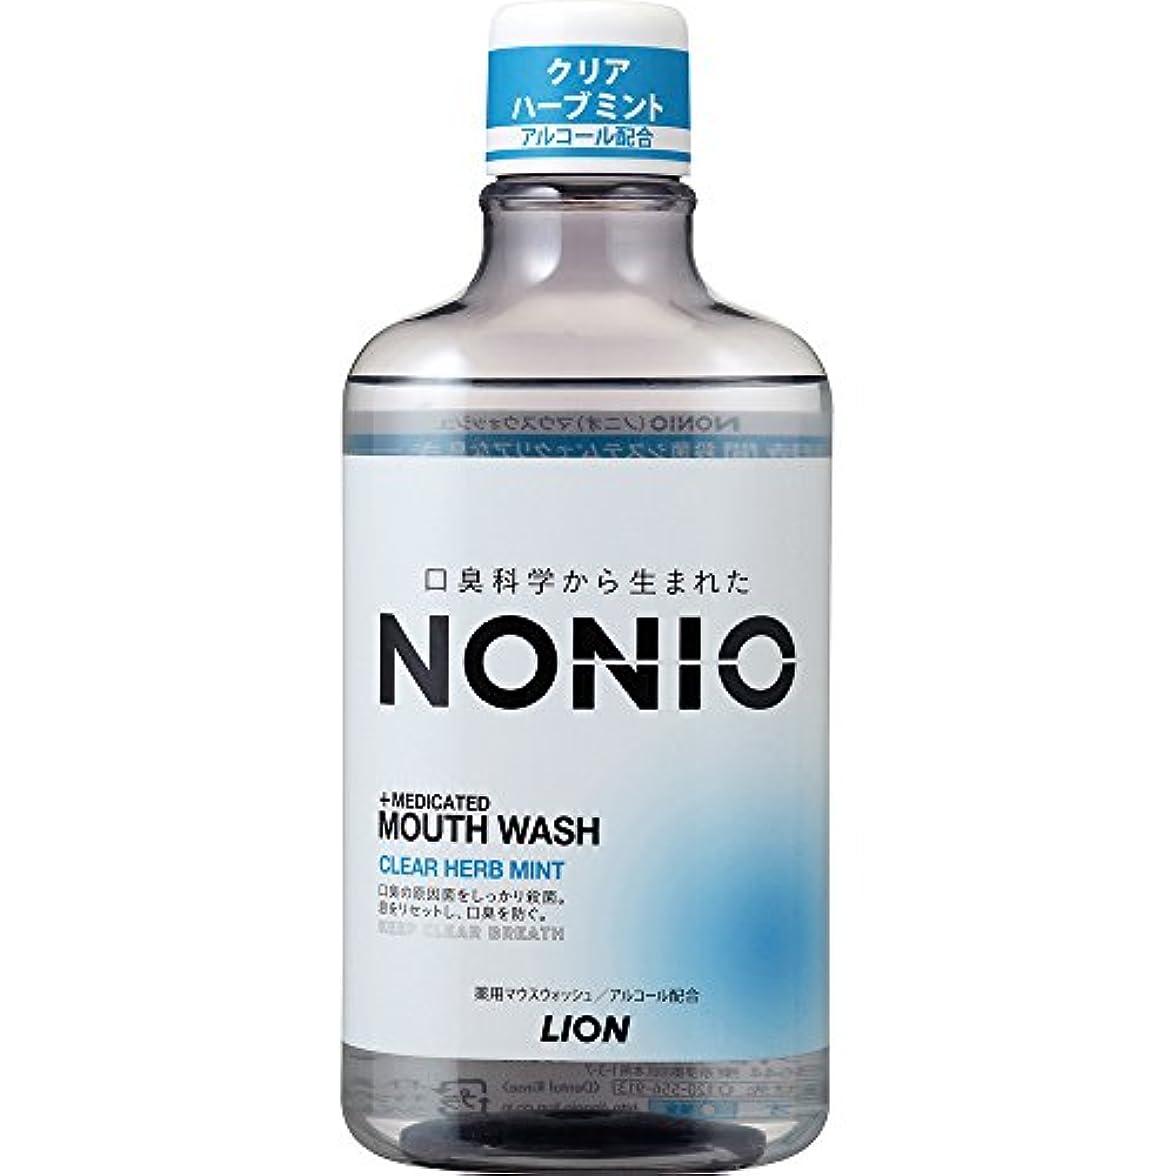 卵不健全自治[医薬部外品]NONIO マウスウォッシュ クリアハーブミント 600ml 洗口液